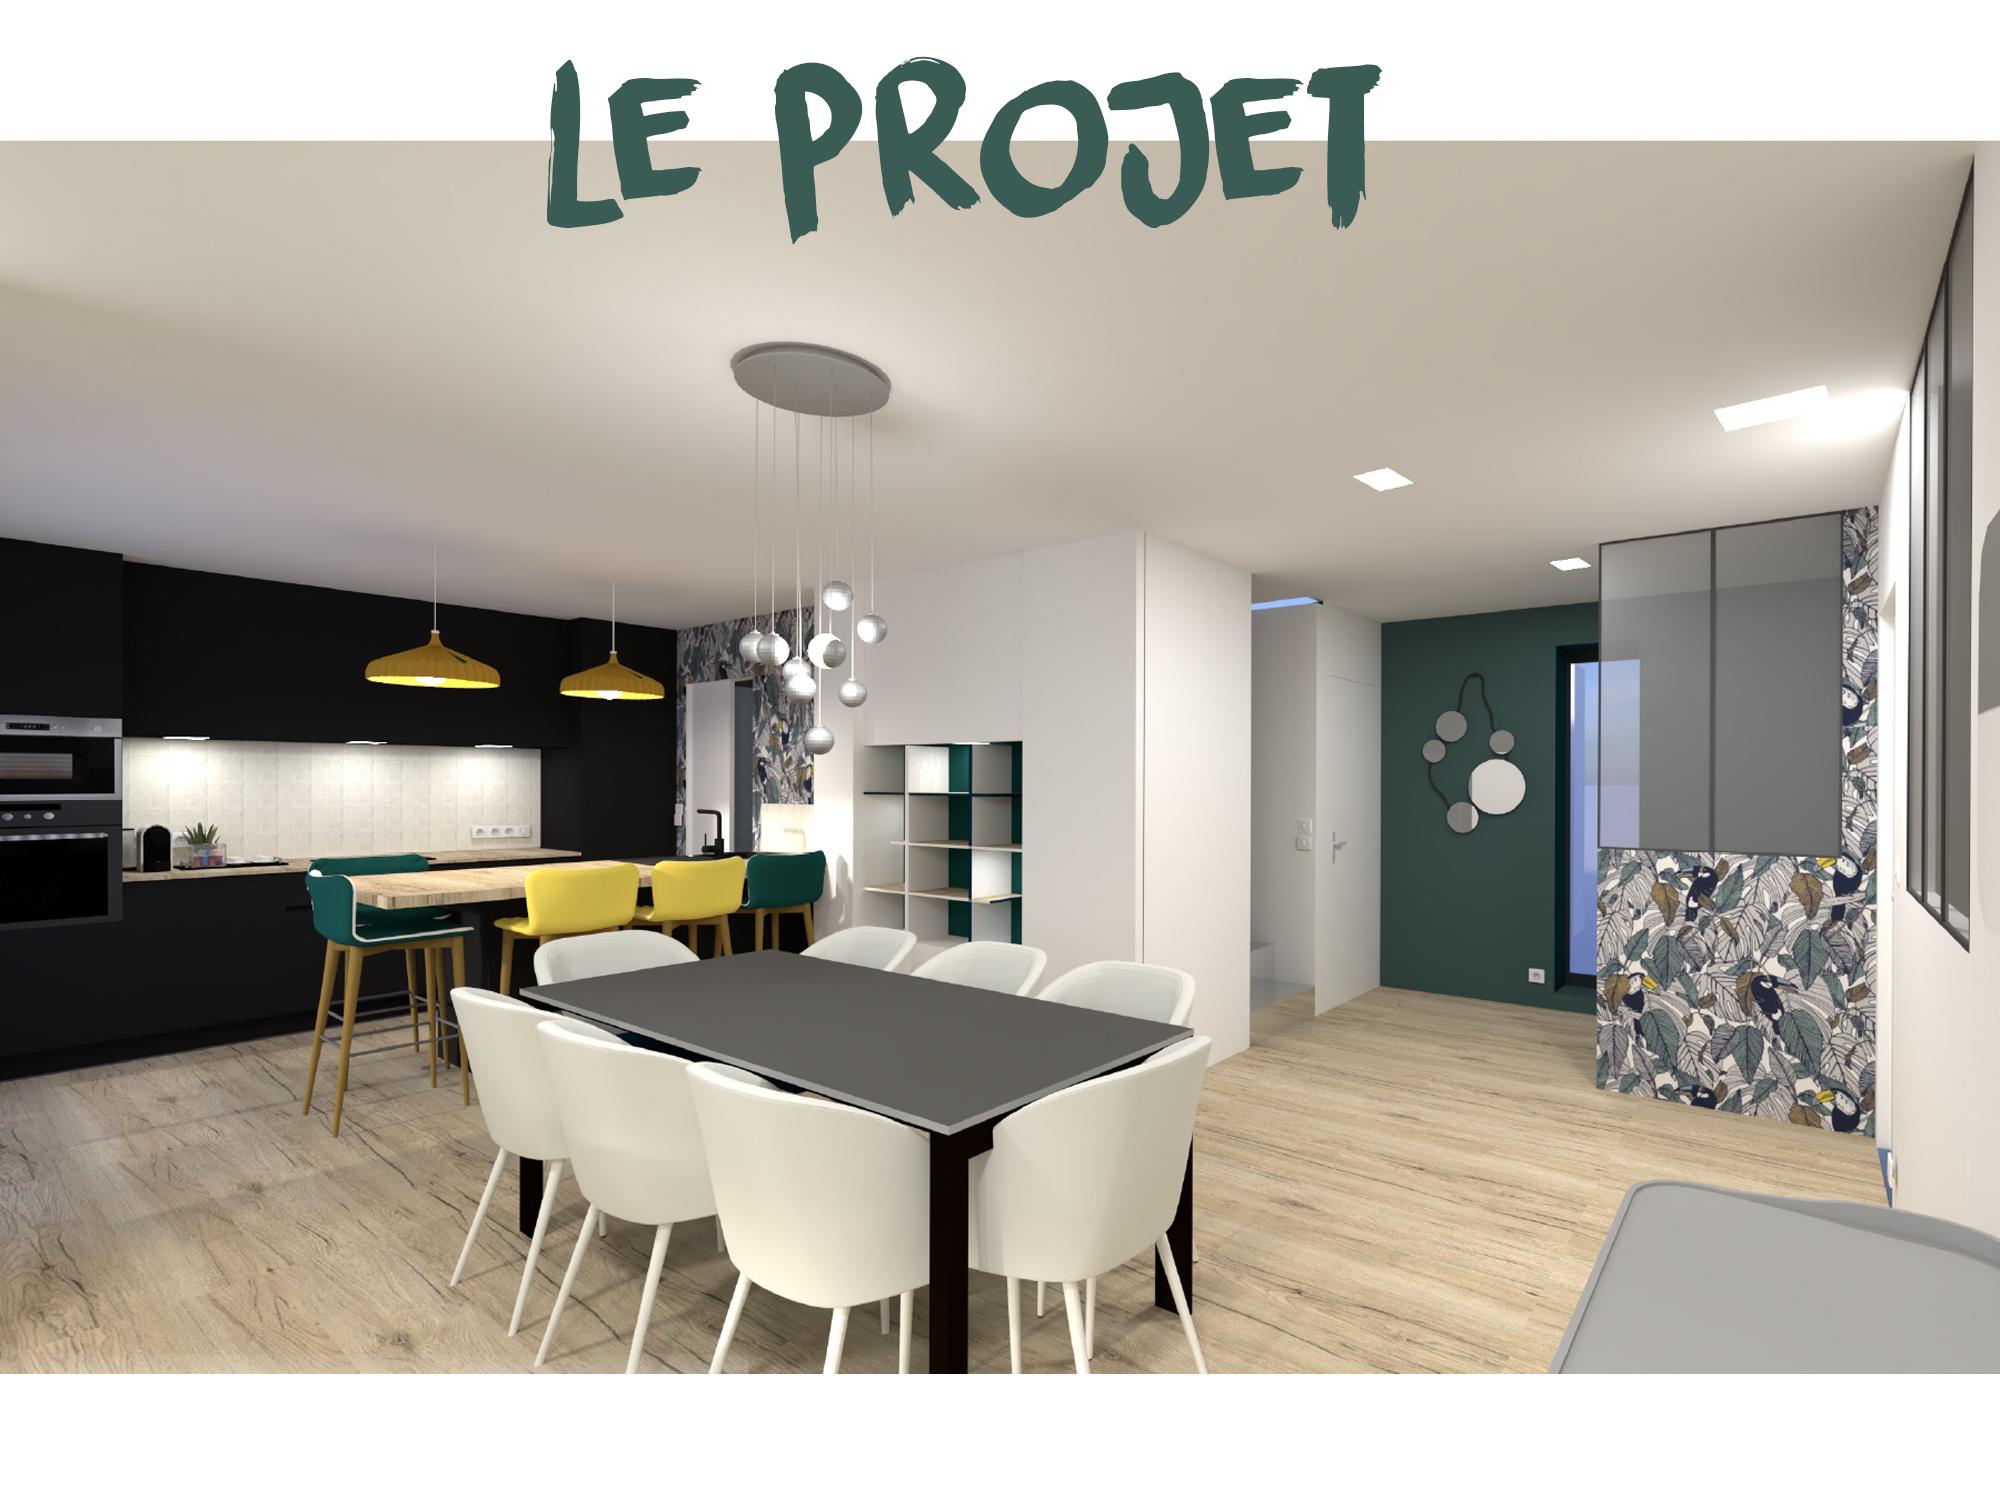 proposition 3D agencement validée création interieur architecte